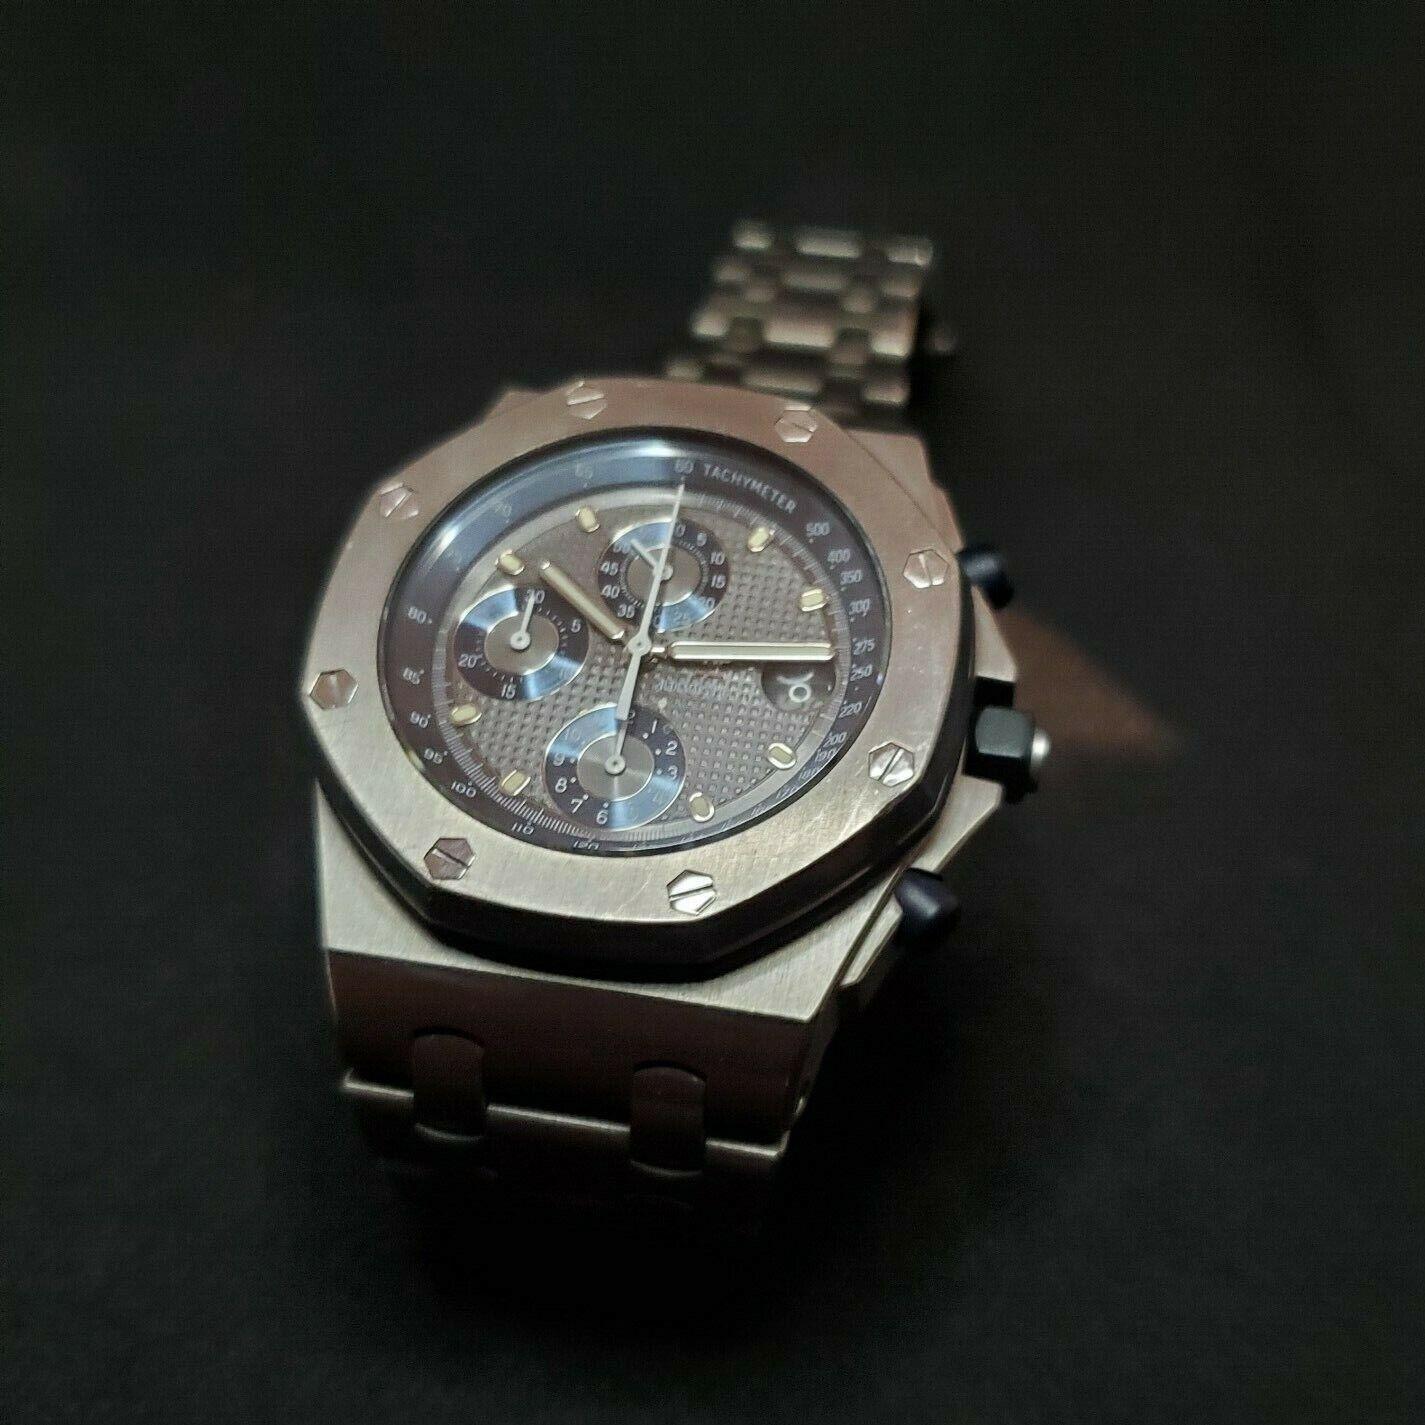 Audemars Piguet Royal Oak Offshore 25721TI i (Titanium/White Gold Case Screws) - watch picture 1